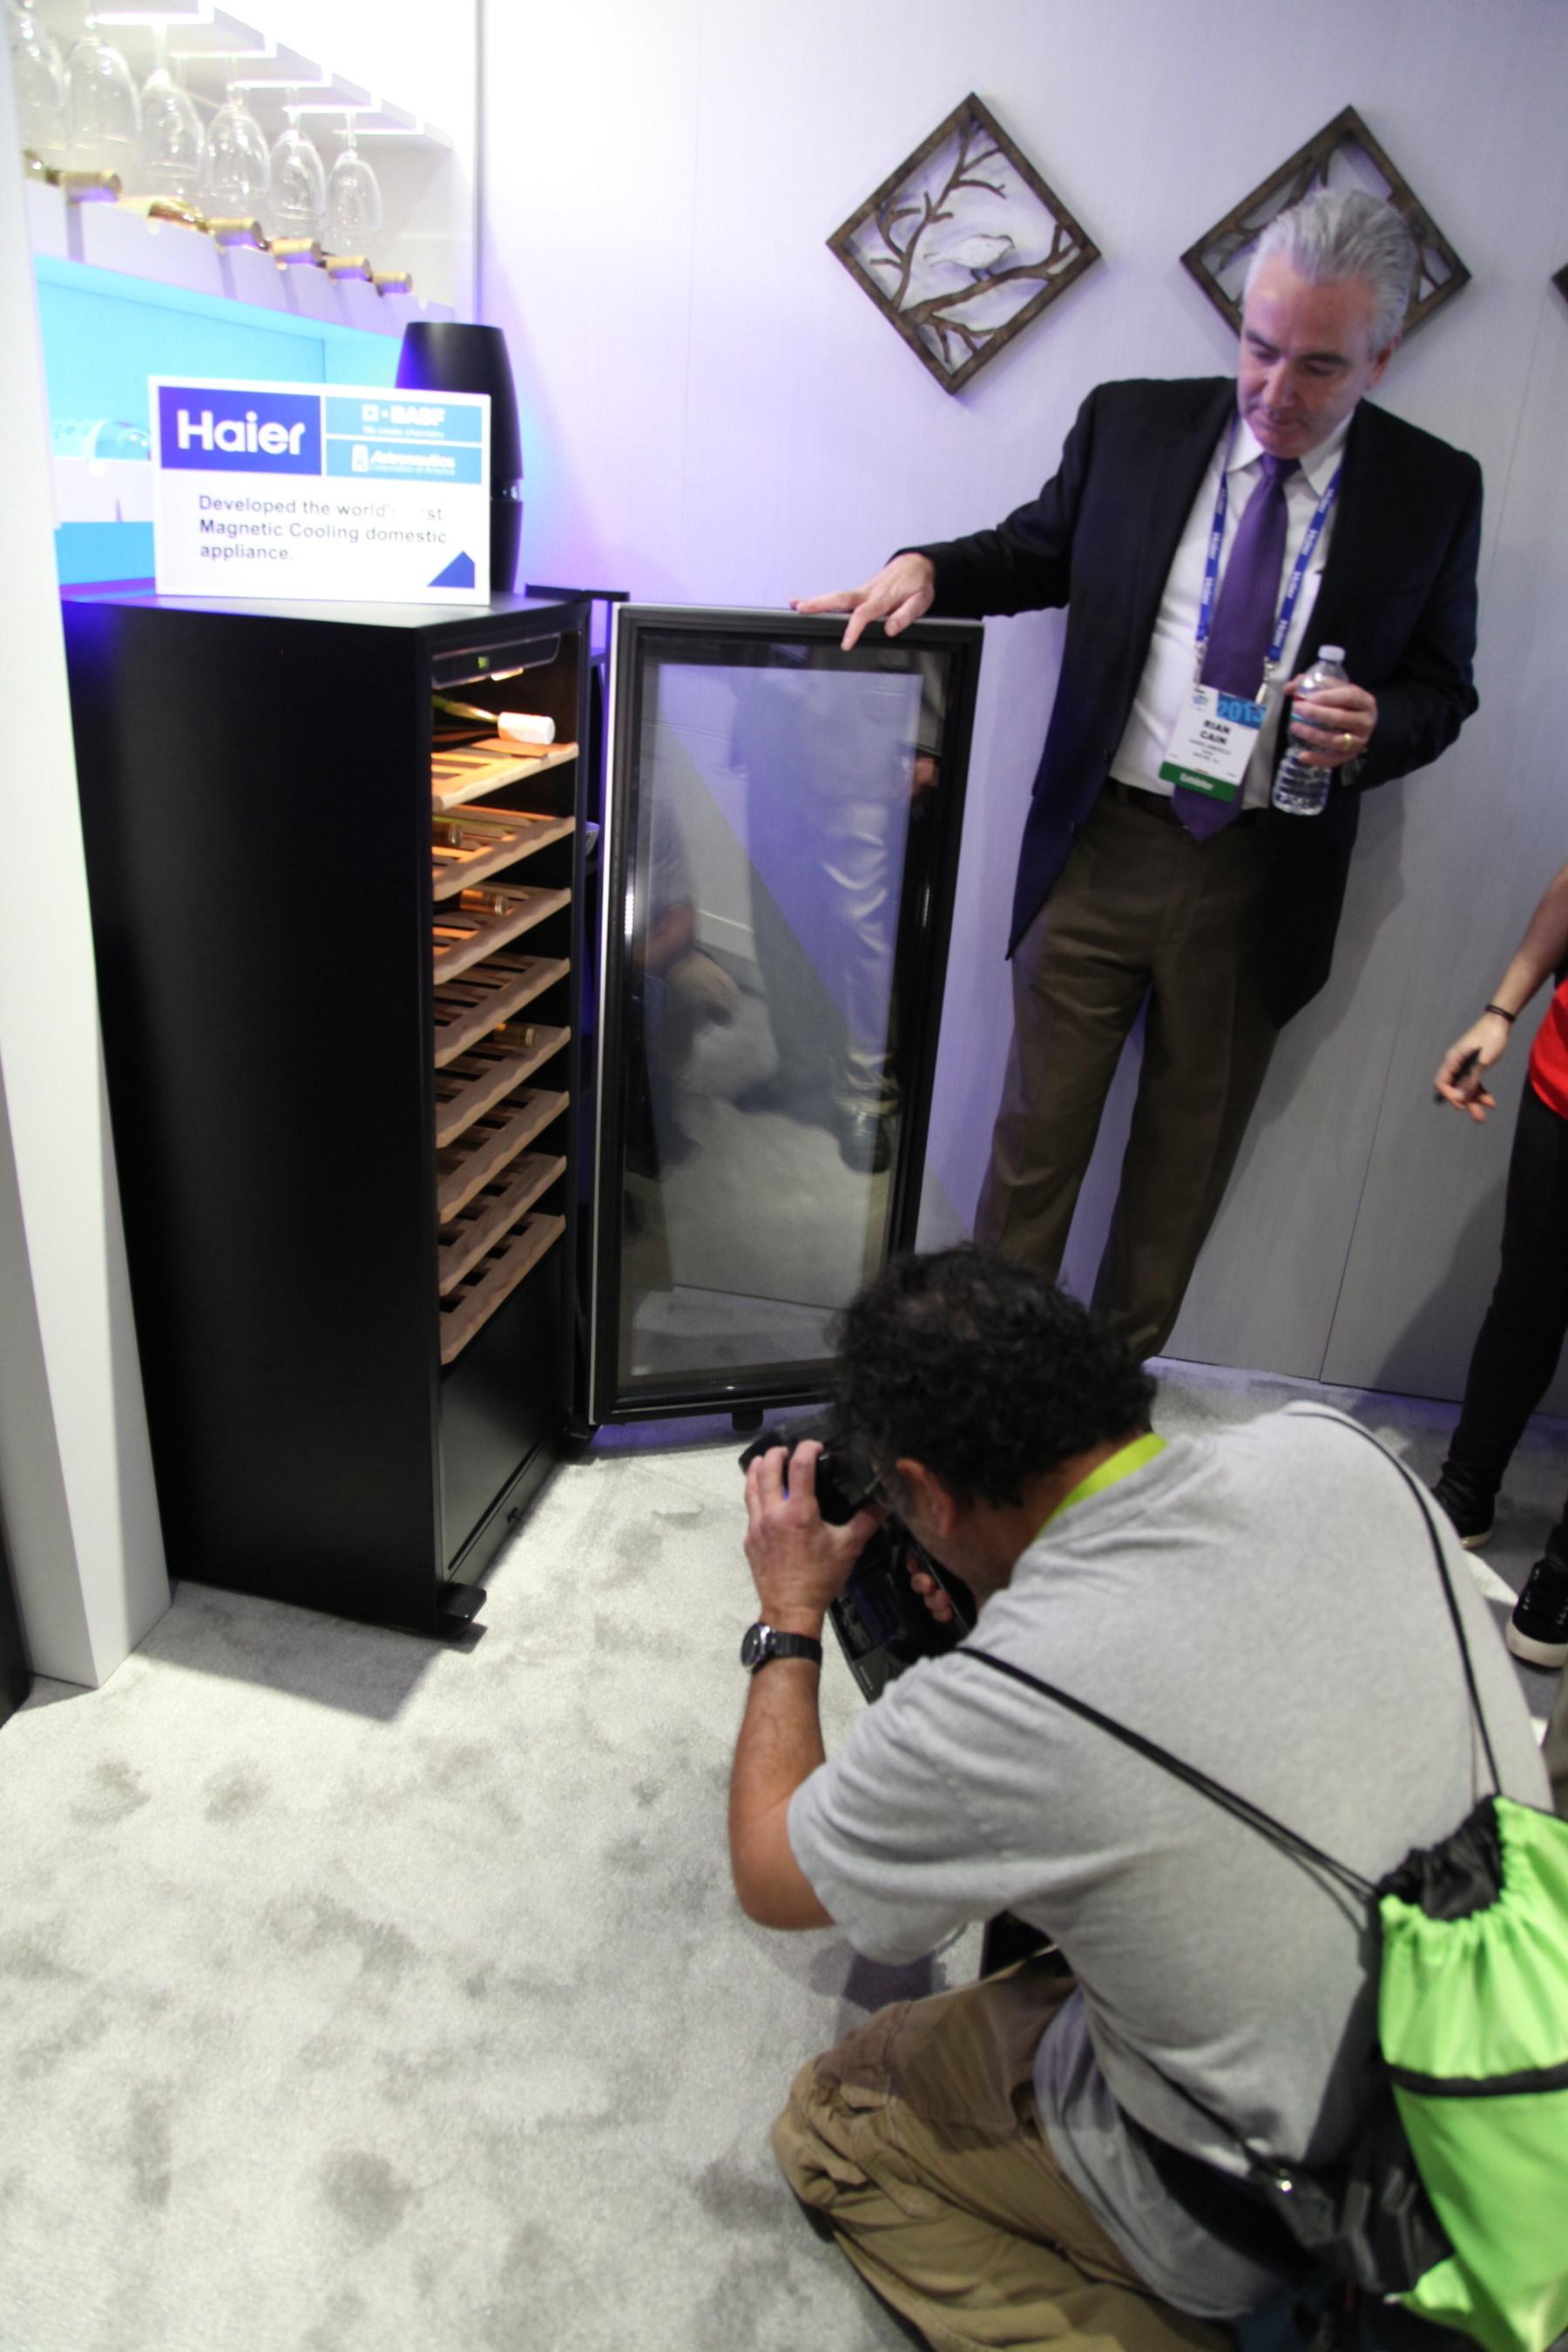 Haier présente au CES 2015 la première « Armoire à vin sans compresseur » au monde